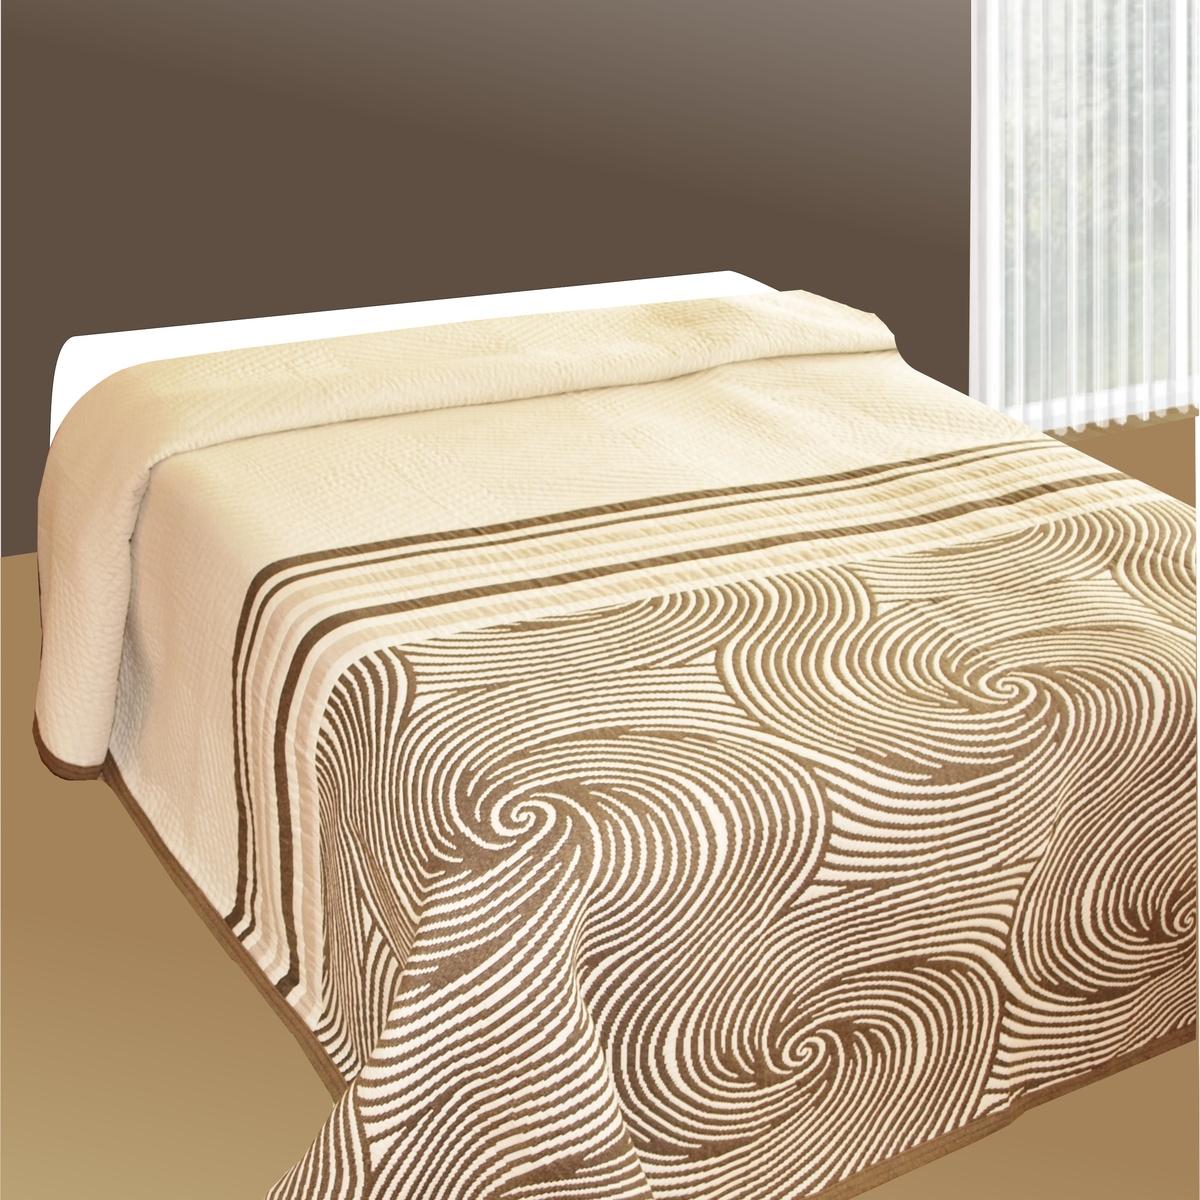 Espirales ágytakaró bézs, 140 x 220 cm